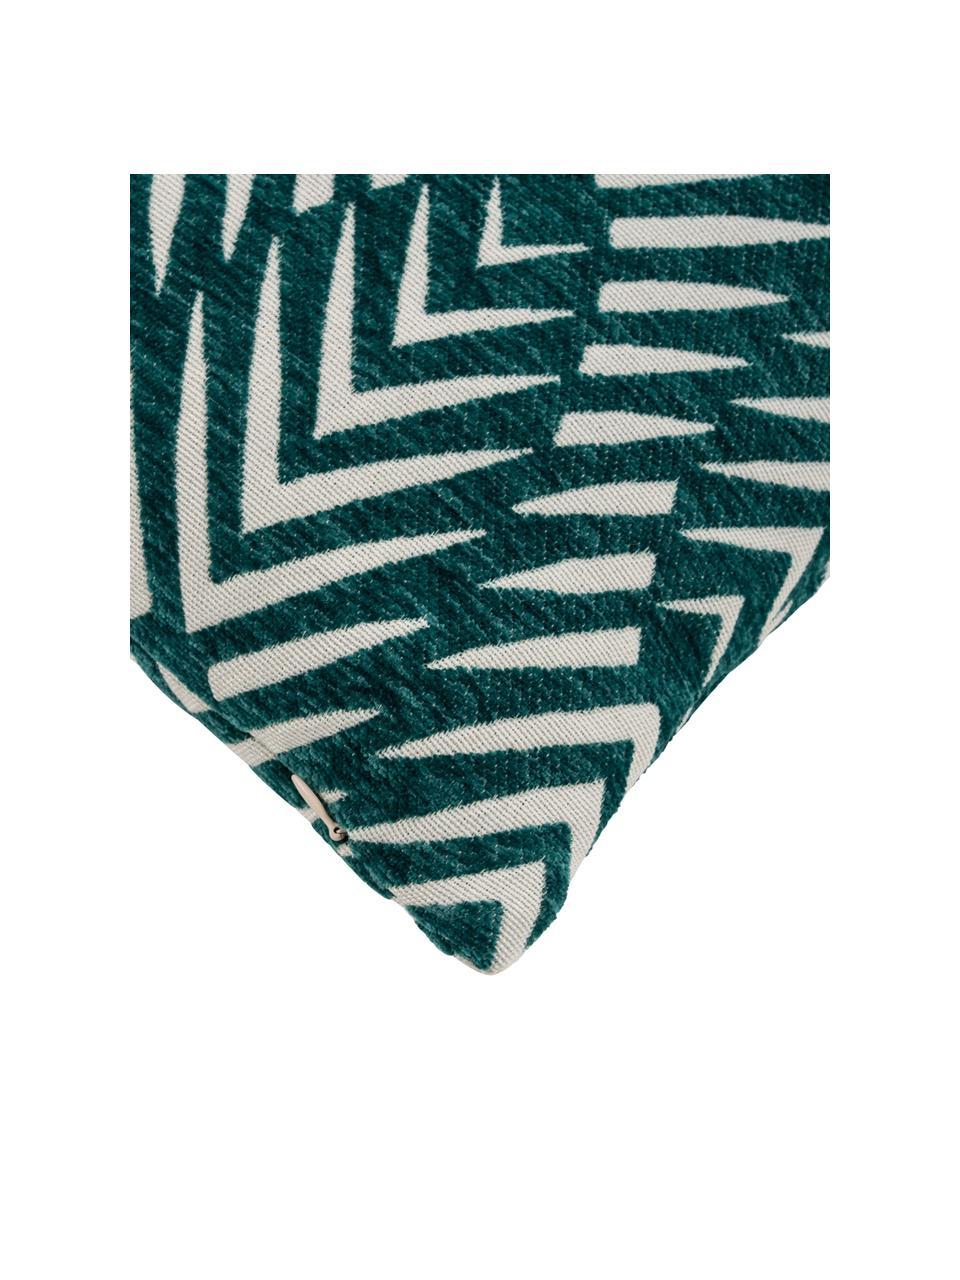 Kissenhülle Esko mit Hoch-Tief-Muster, Vorderseite: 50% Polyester, 50% Baumwo, Rückseite: Baumwolle, Petrol, 45 x 45 cm